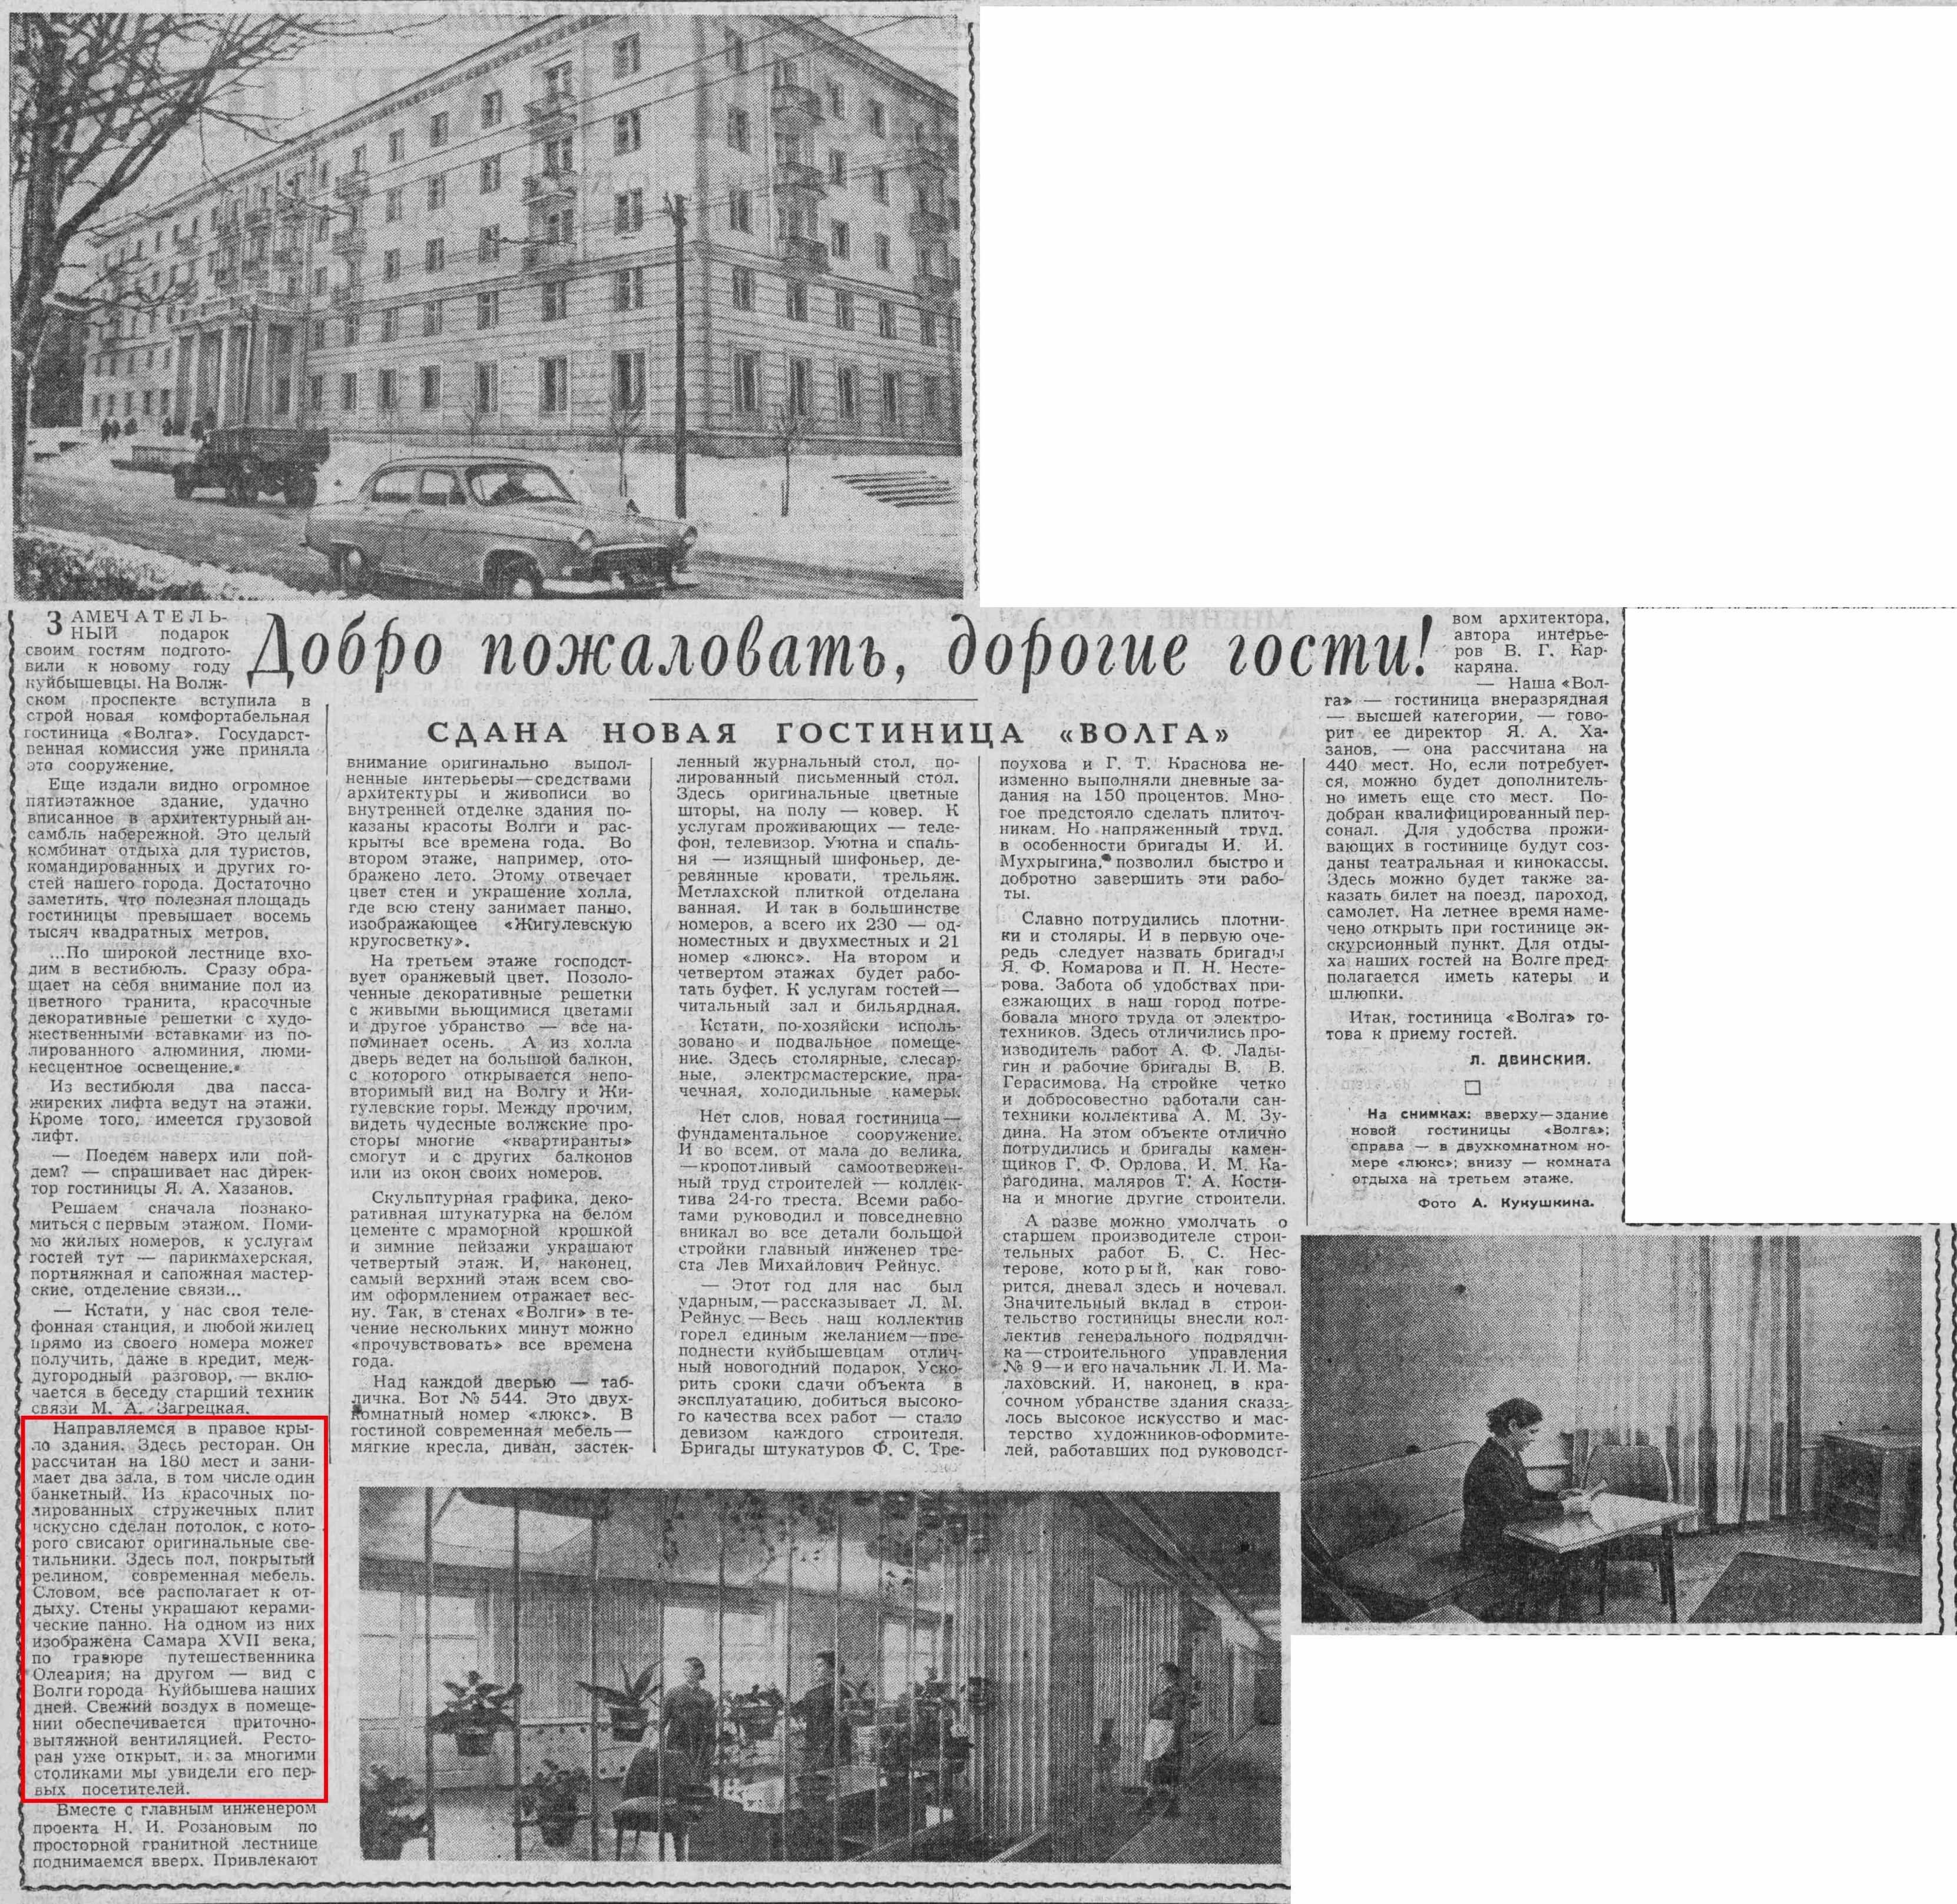 Restorany-00-VKa-1963-12-28-novaya_gostinitsa_Volga-min